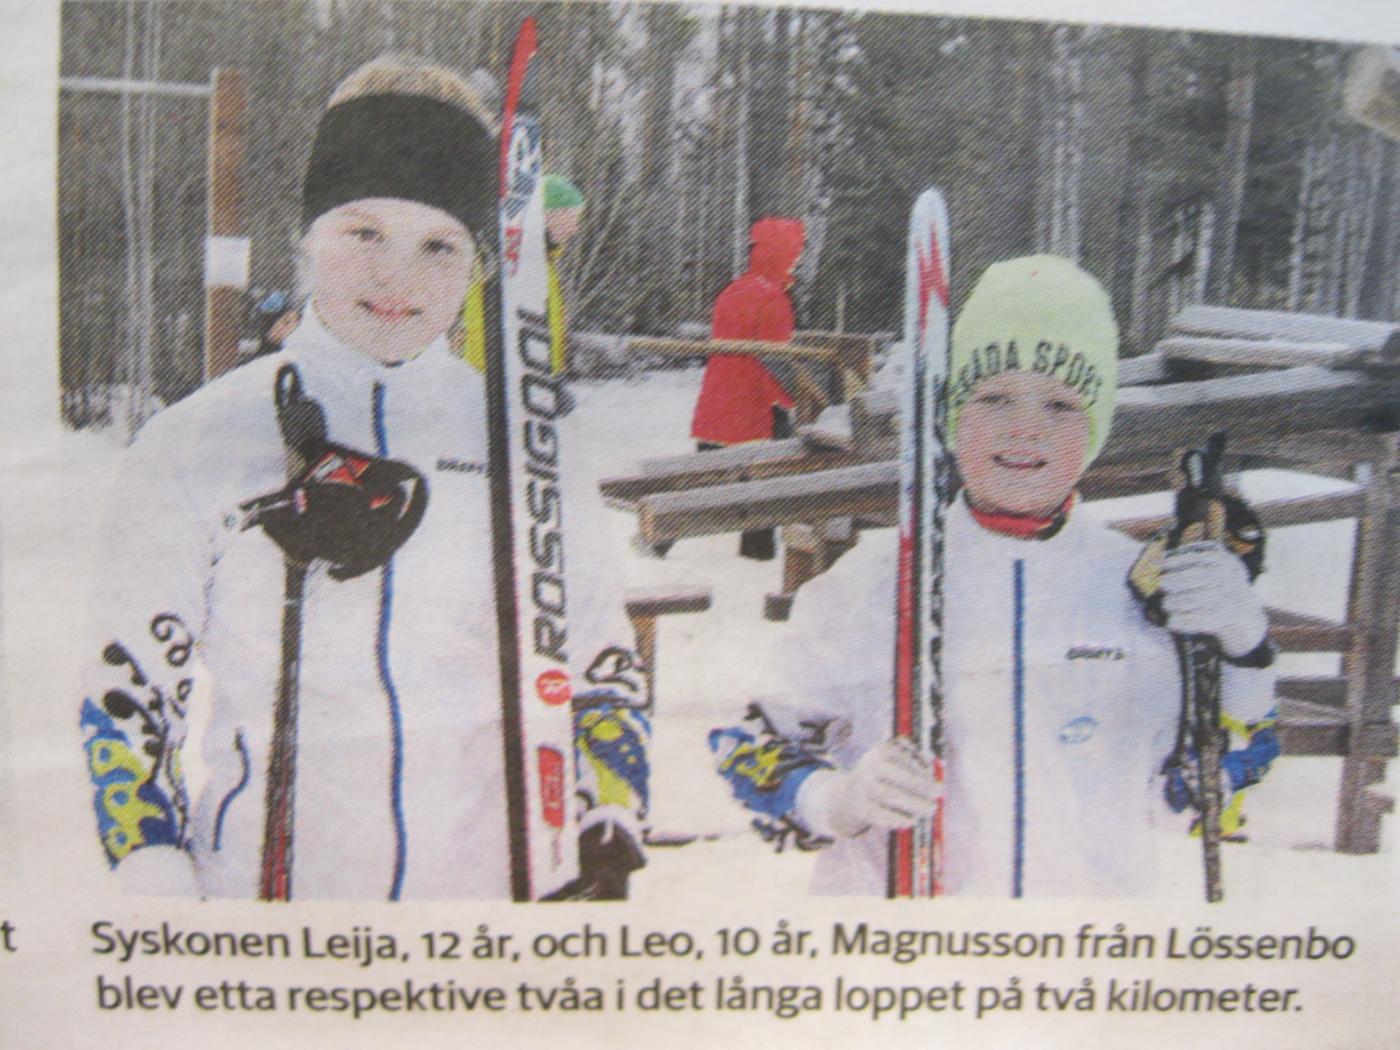 Sportlovet